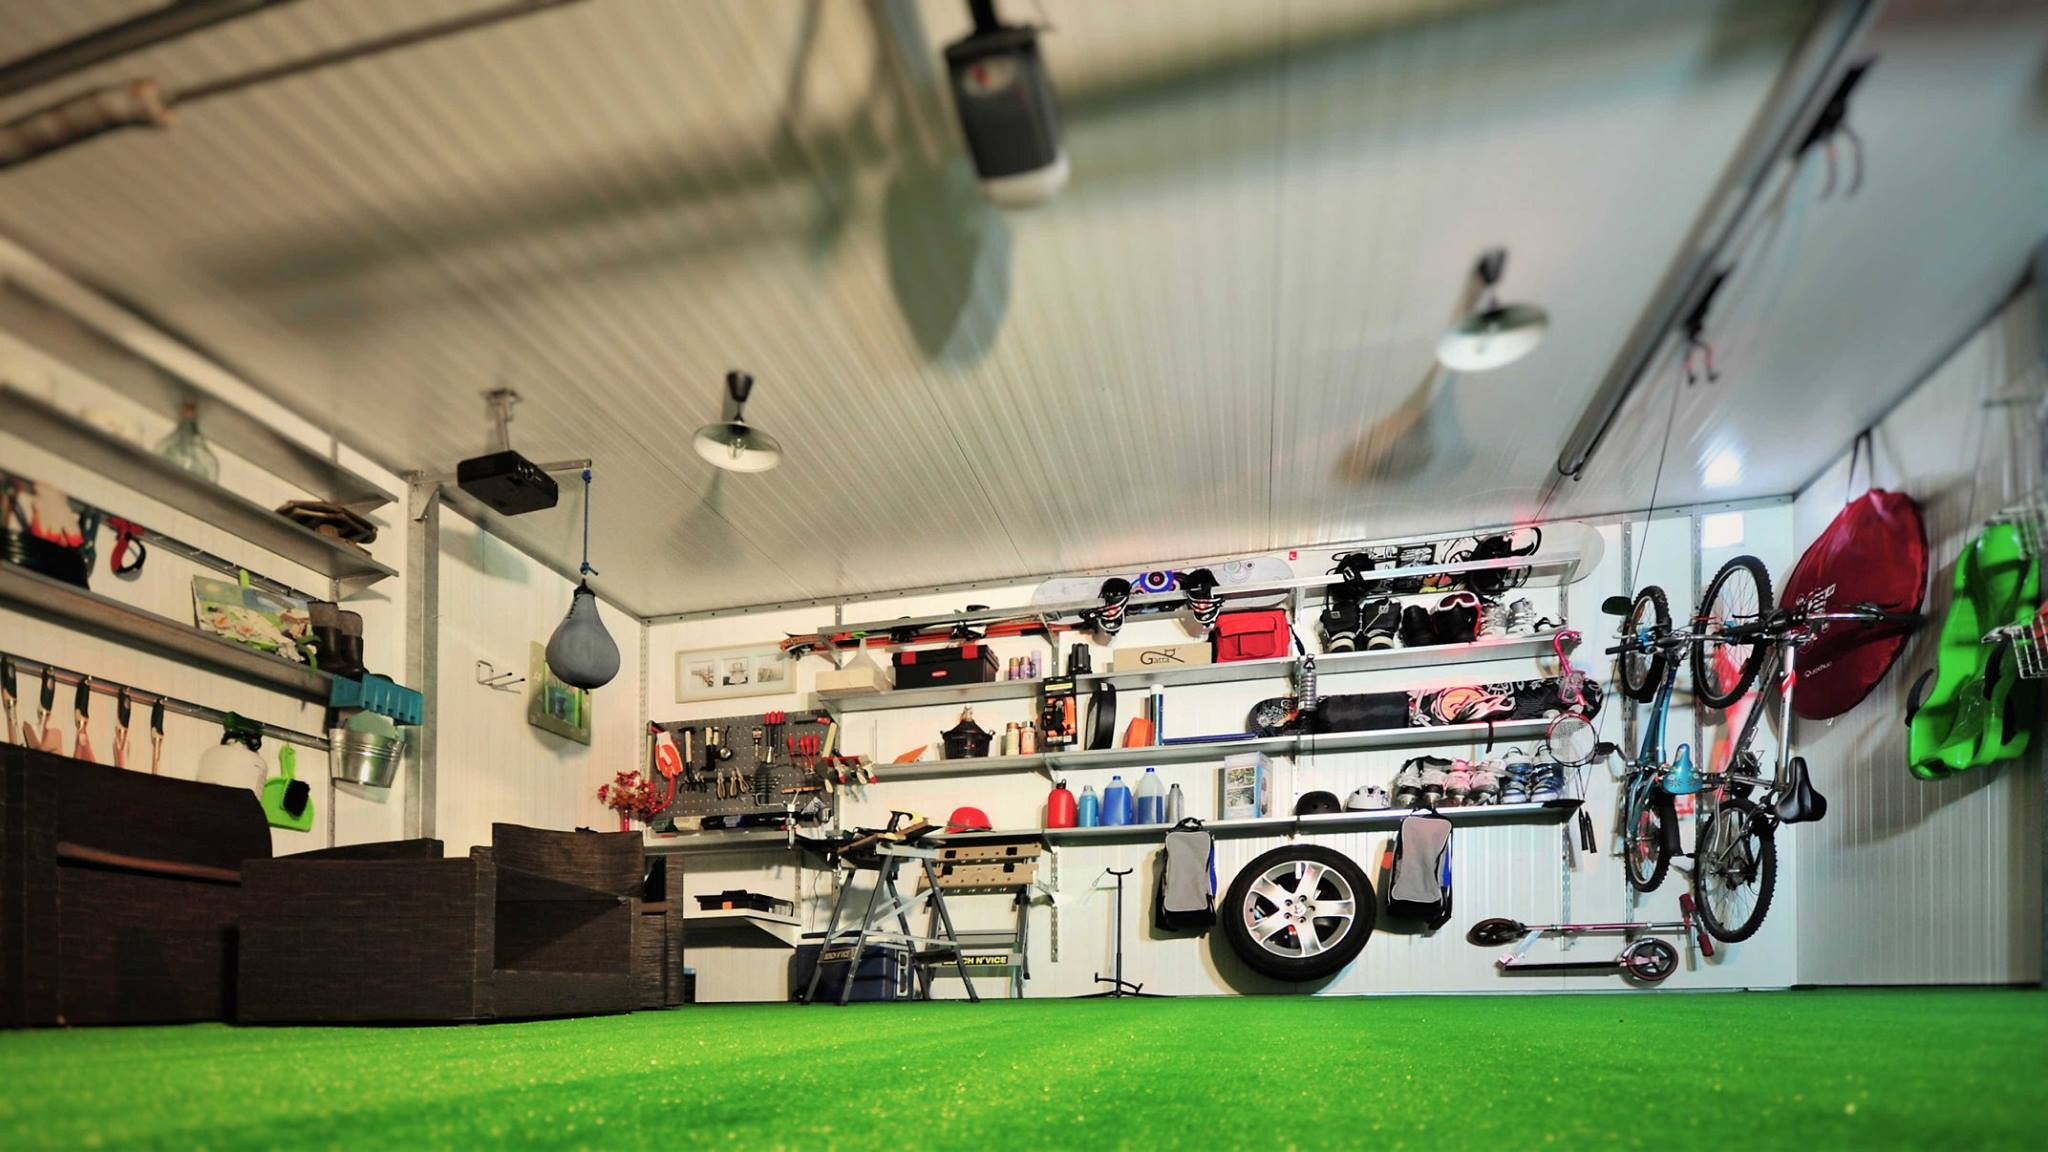 Warsztat w garażu